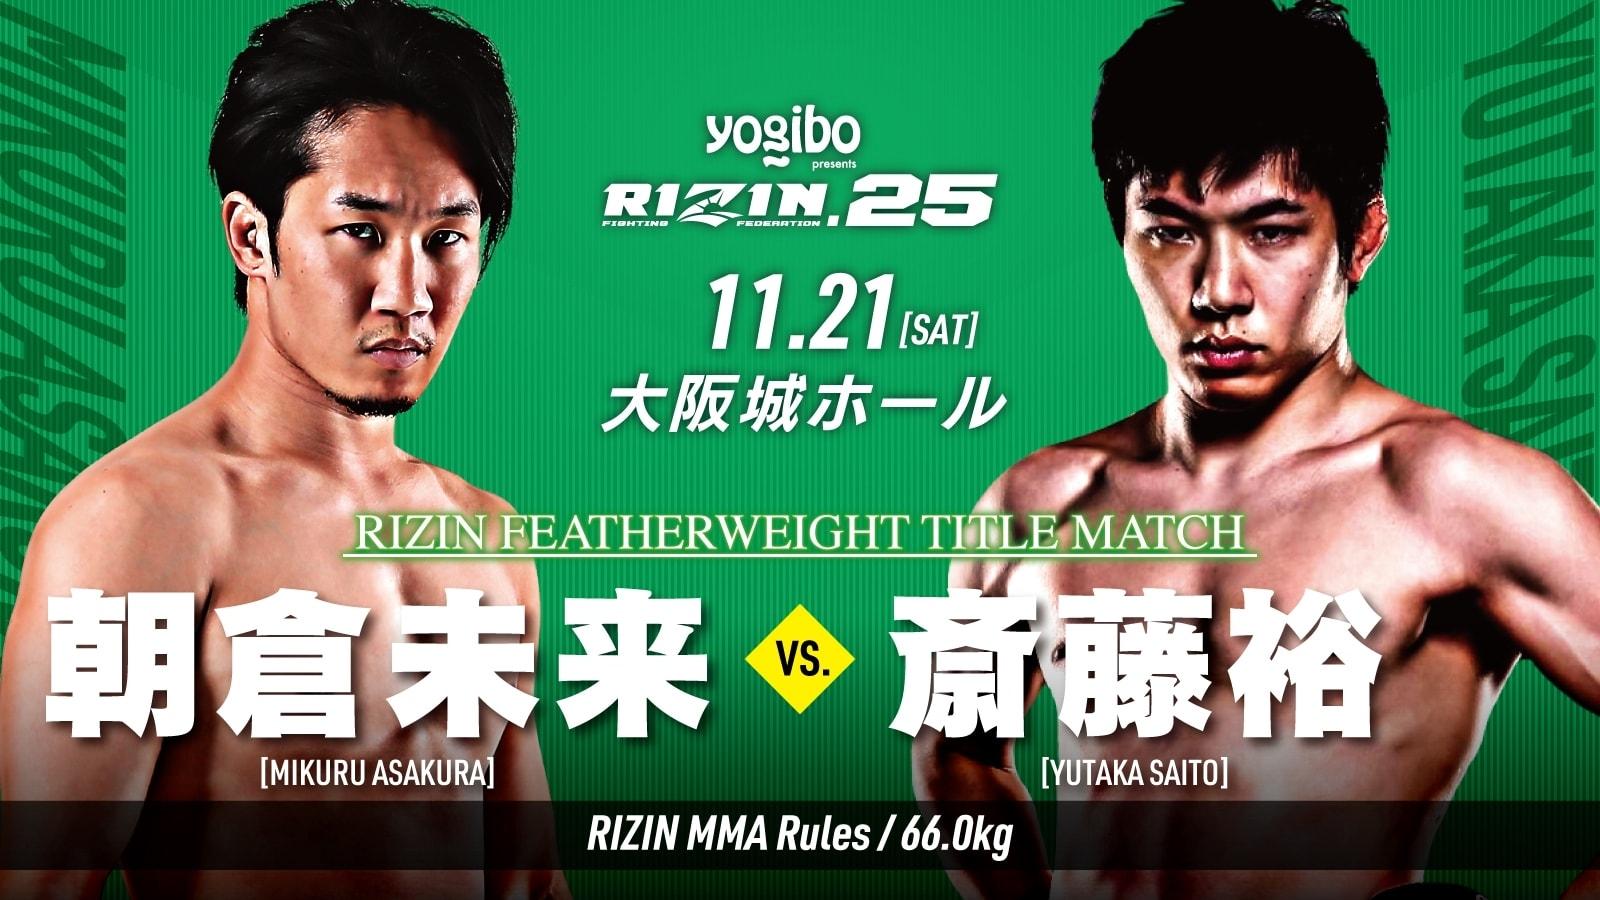 RIZIN 25: Asakura vs Saito Results